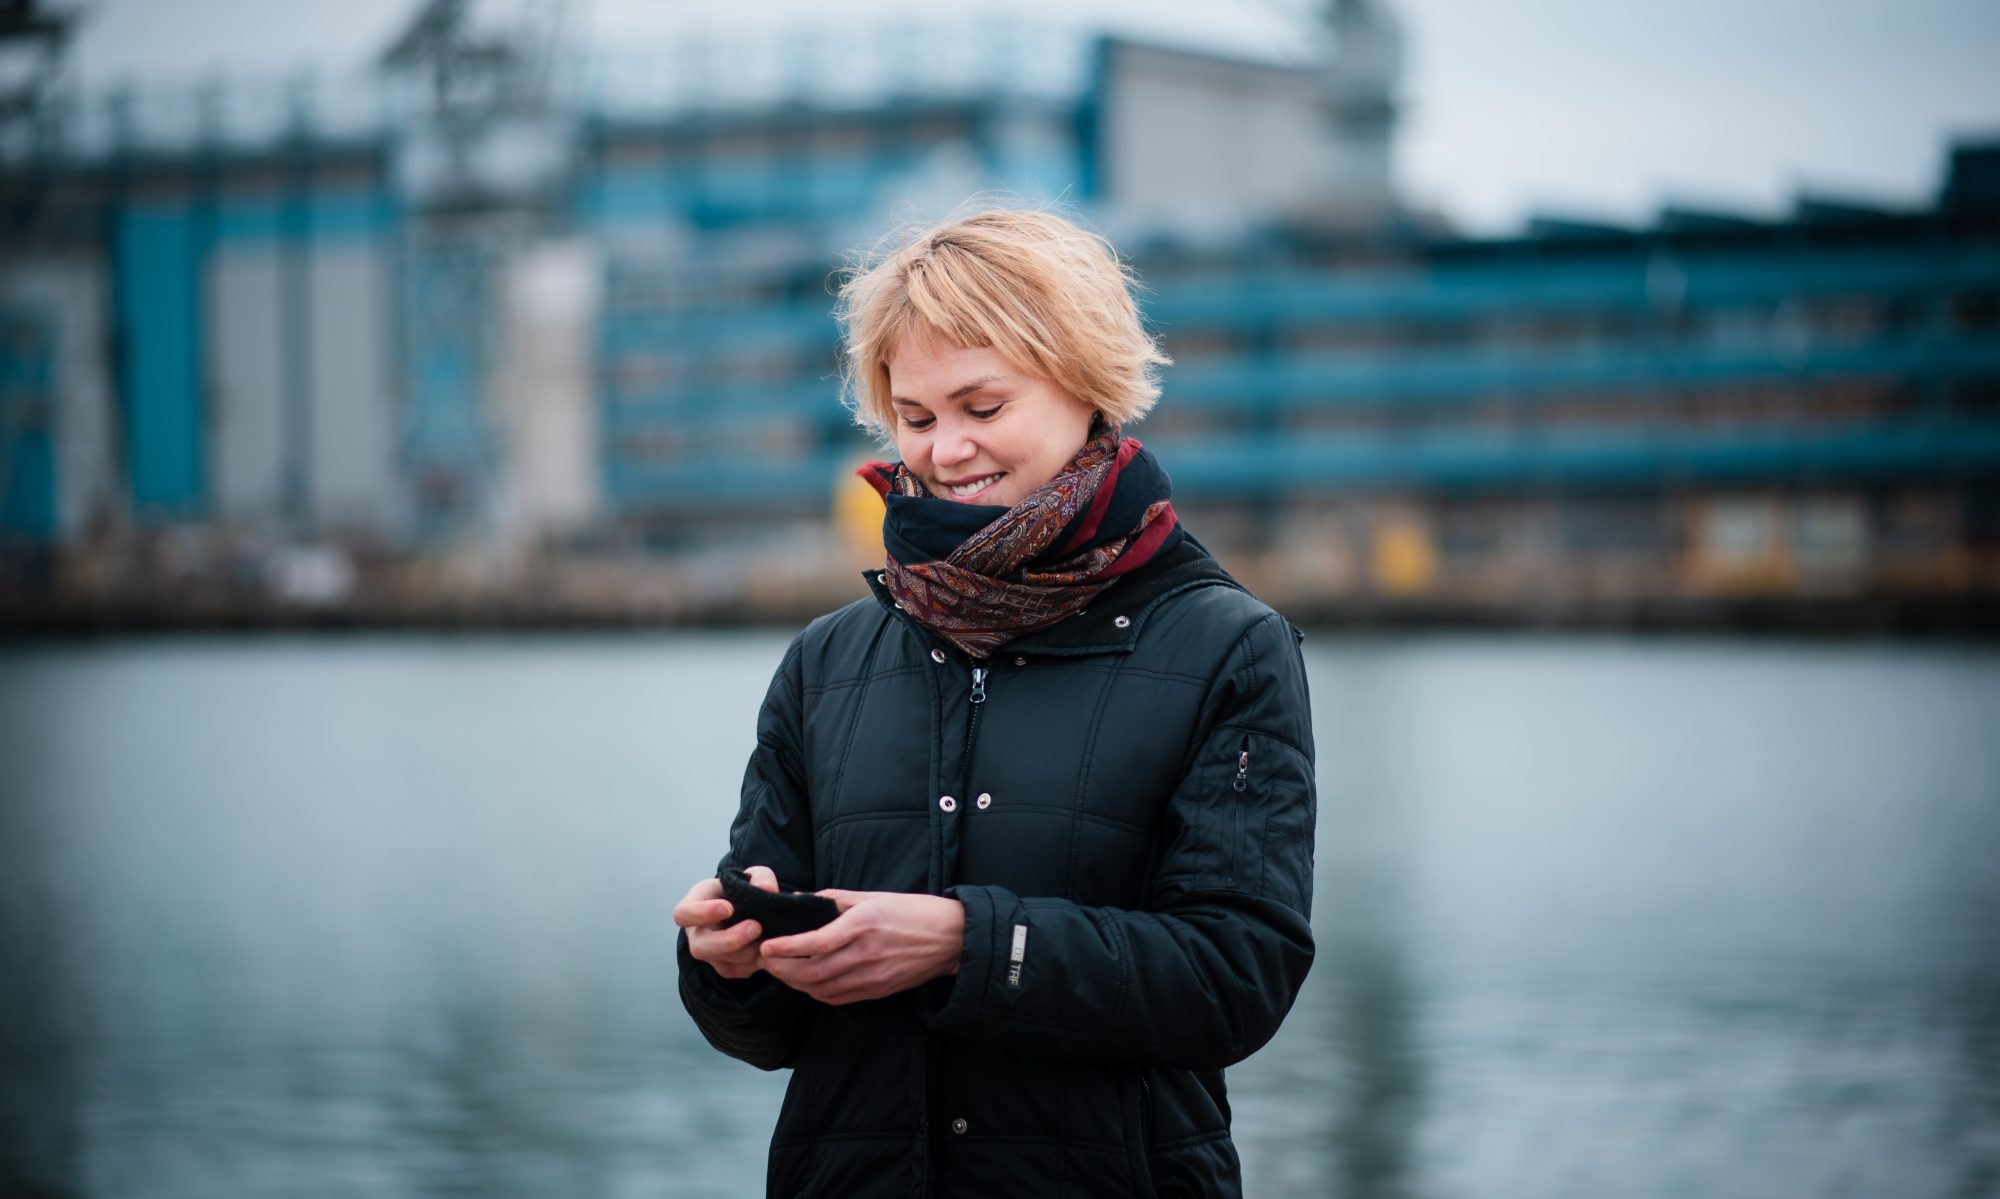 Jenni Karjalainen #234